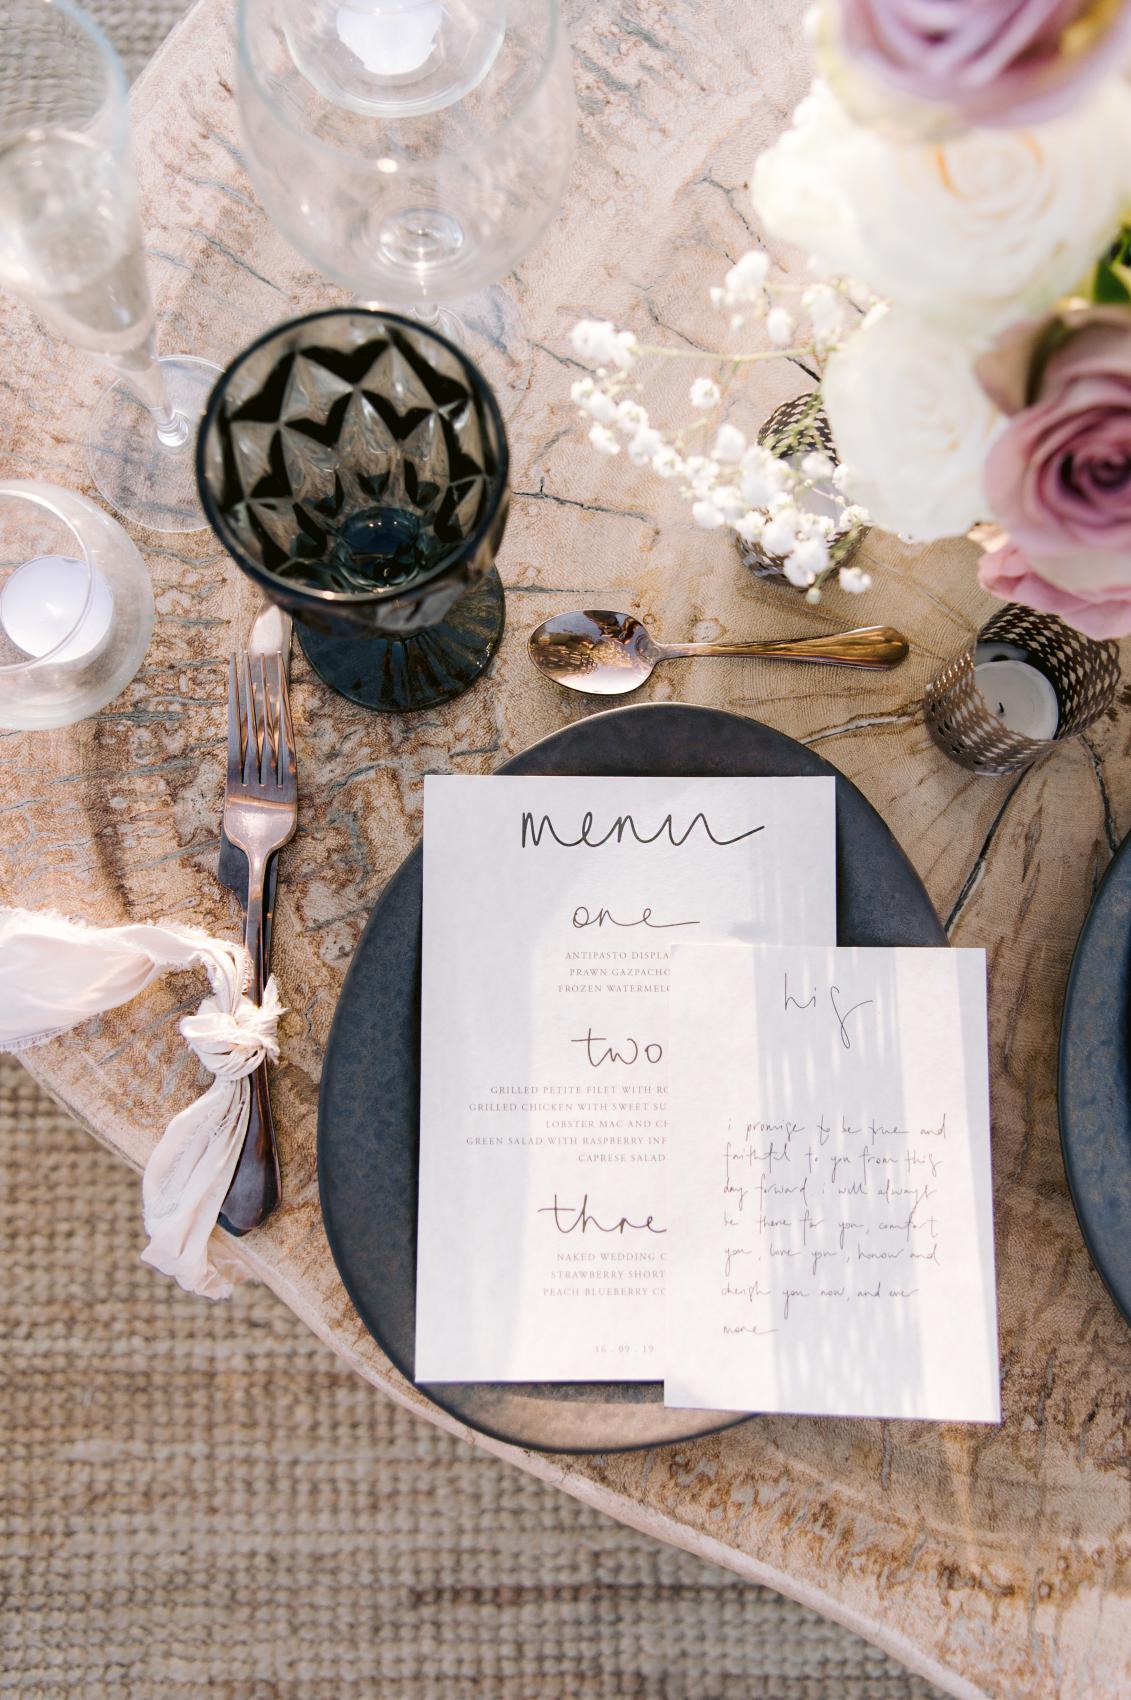 Elopement table décor with menu